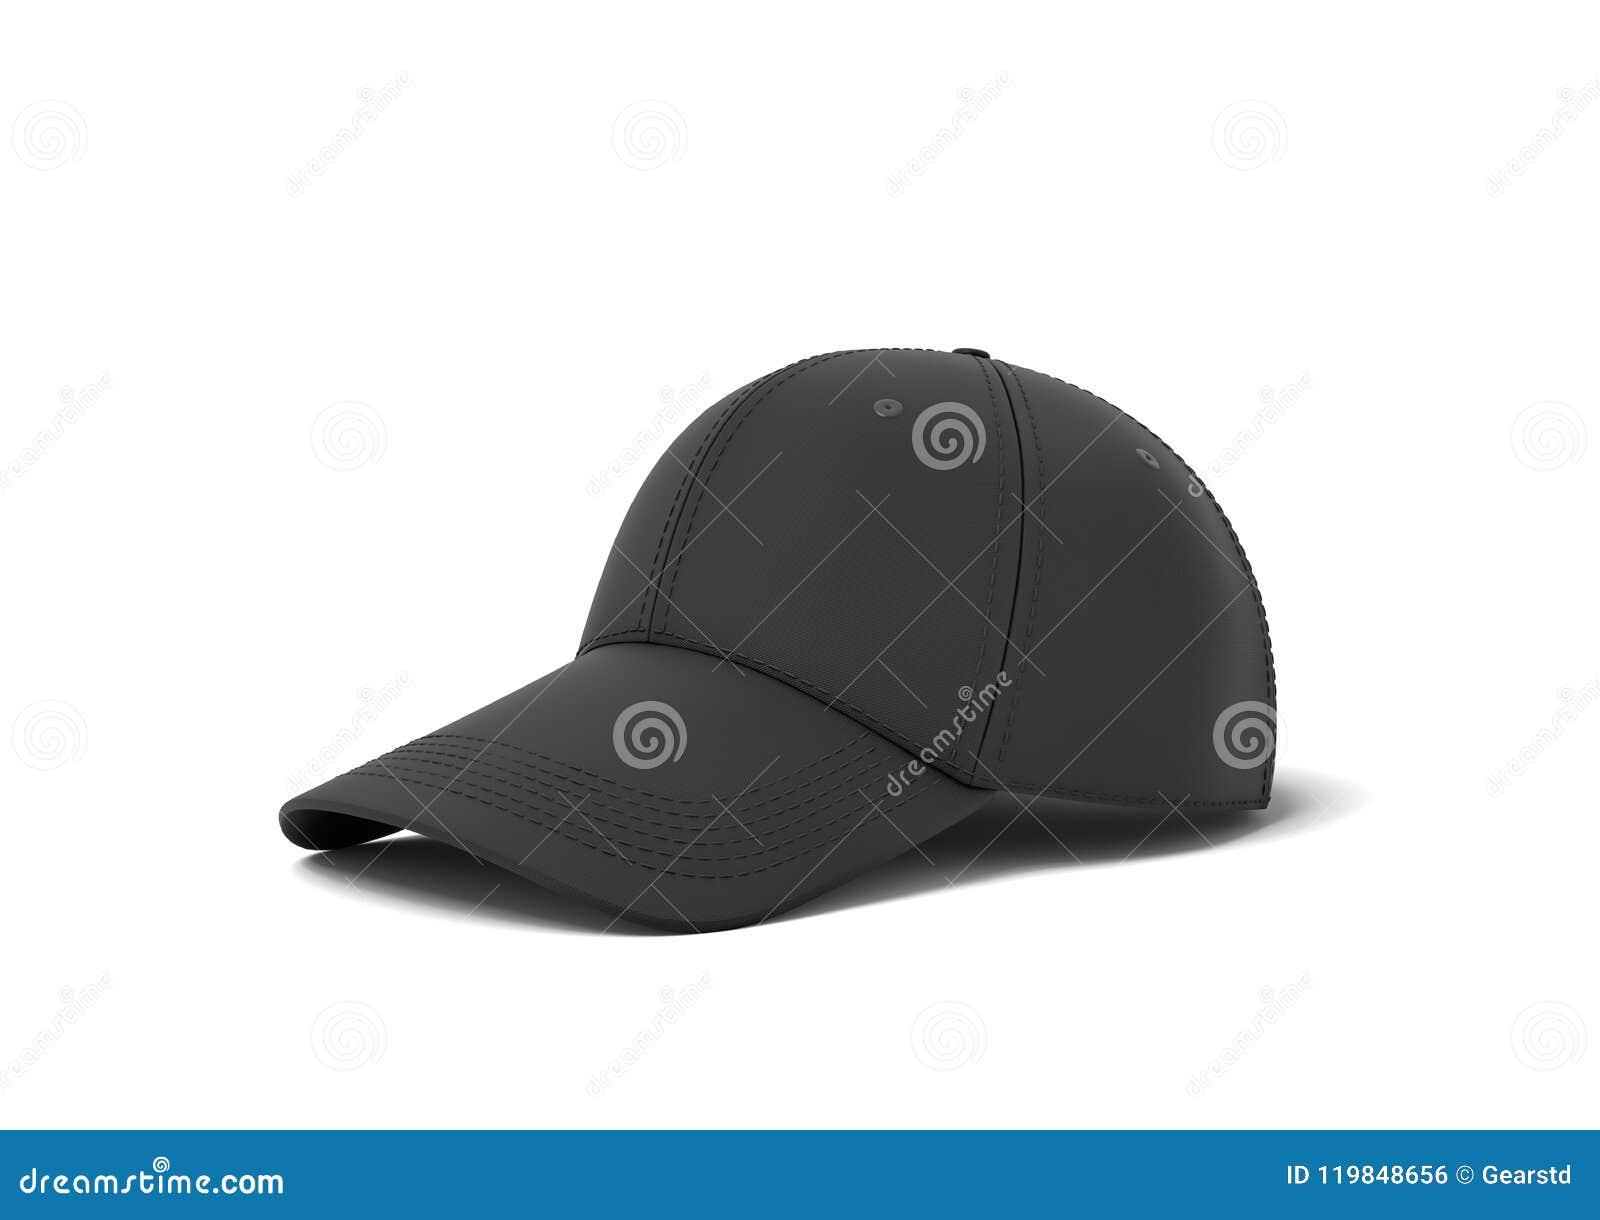 Representación 3d de una sola gorra de béisbol negra con la mentira de  costura del negro en un fondo blanco Desgaste del deporte profesional  Headwear casual ... f09f449ba2d